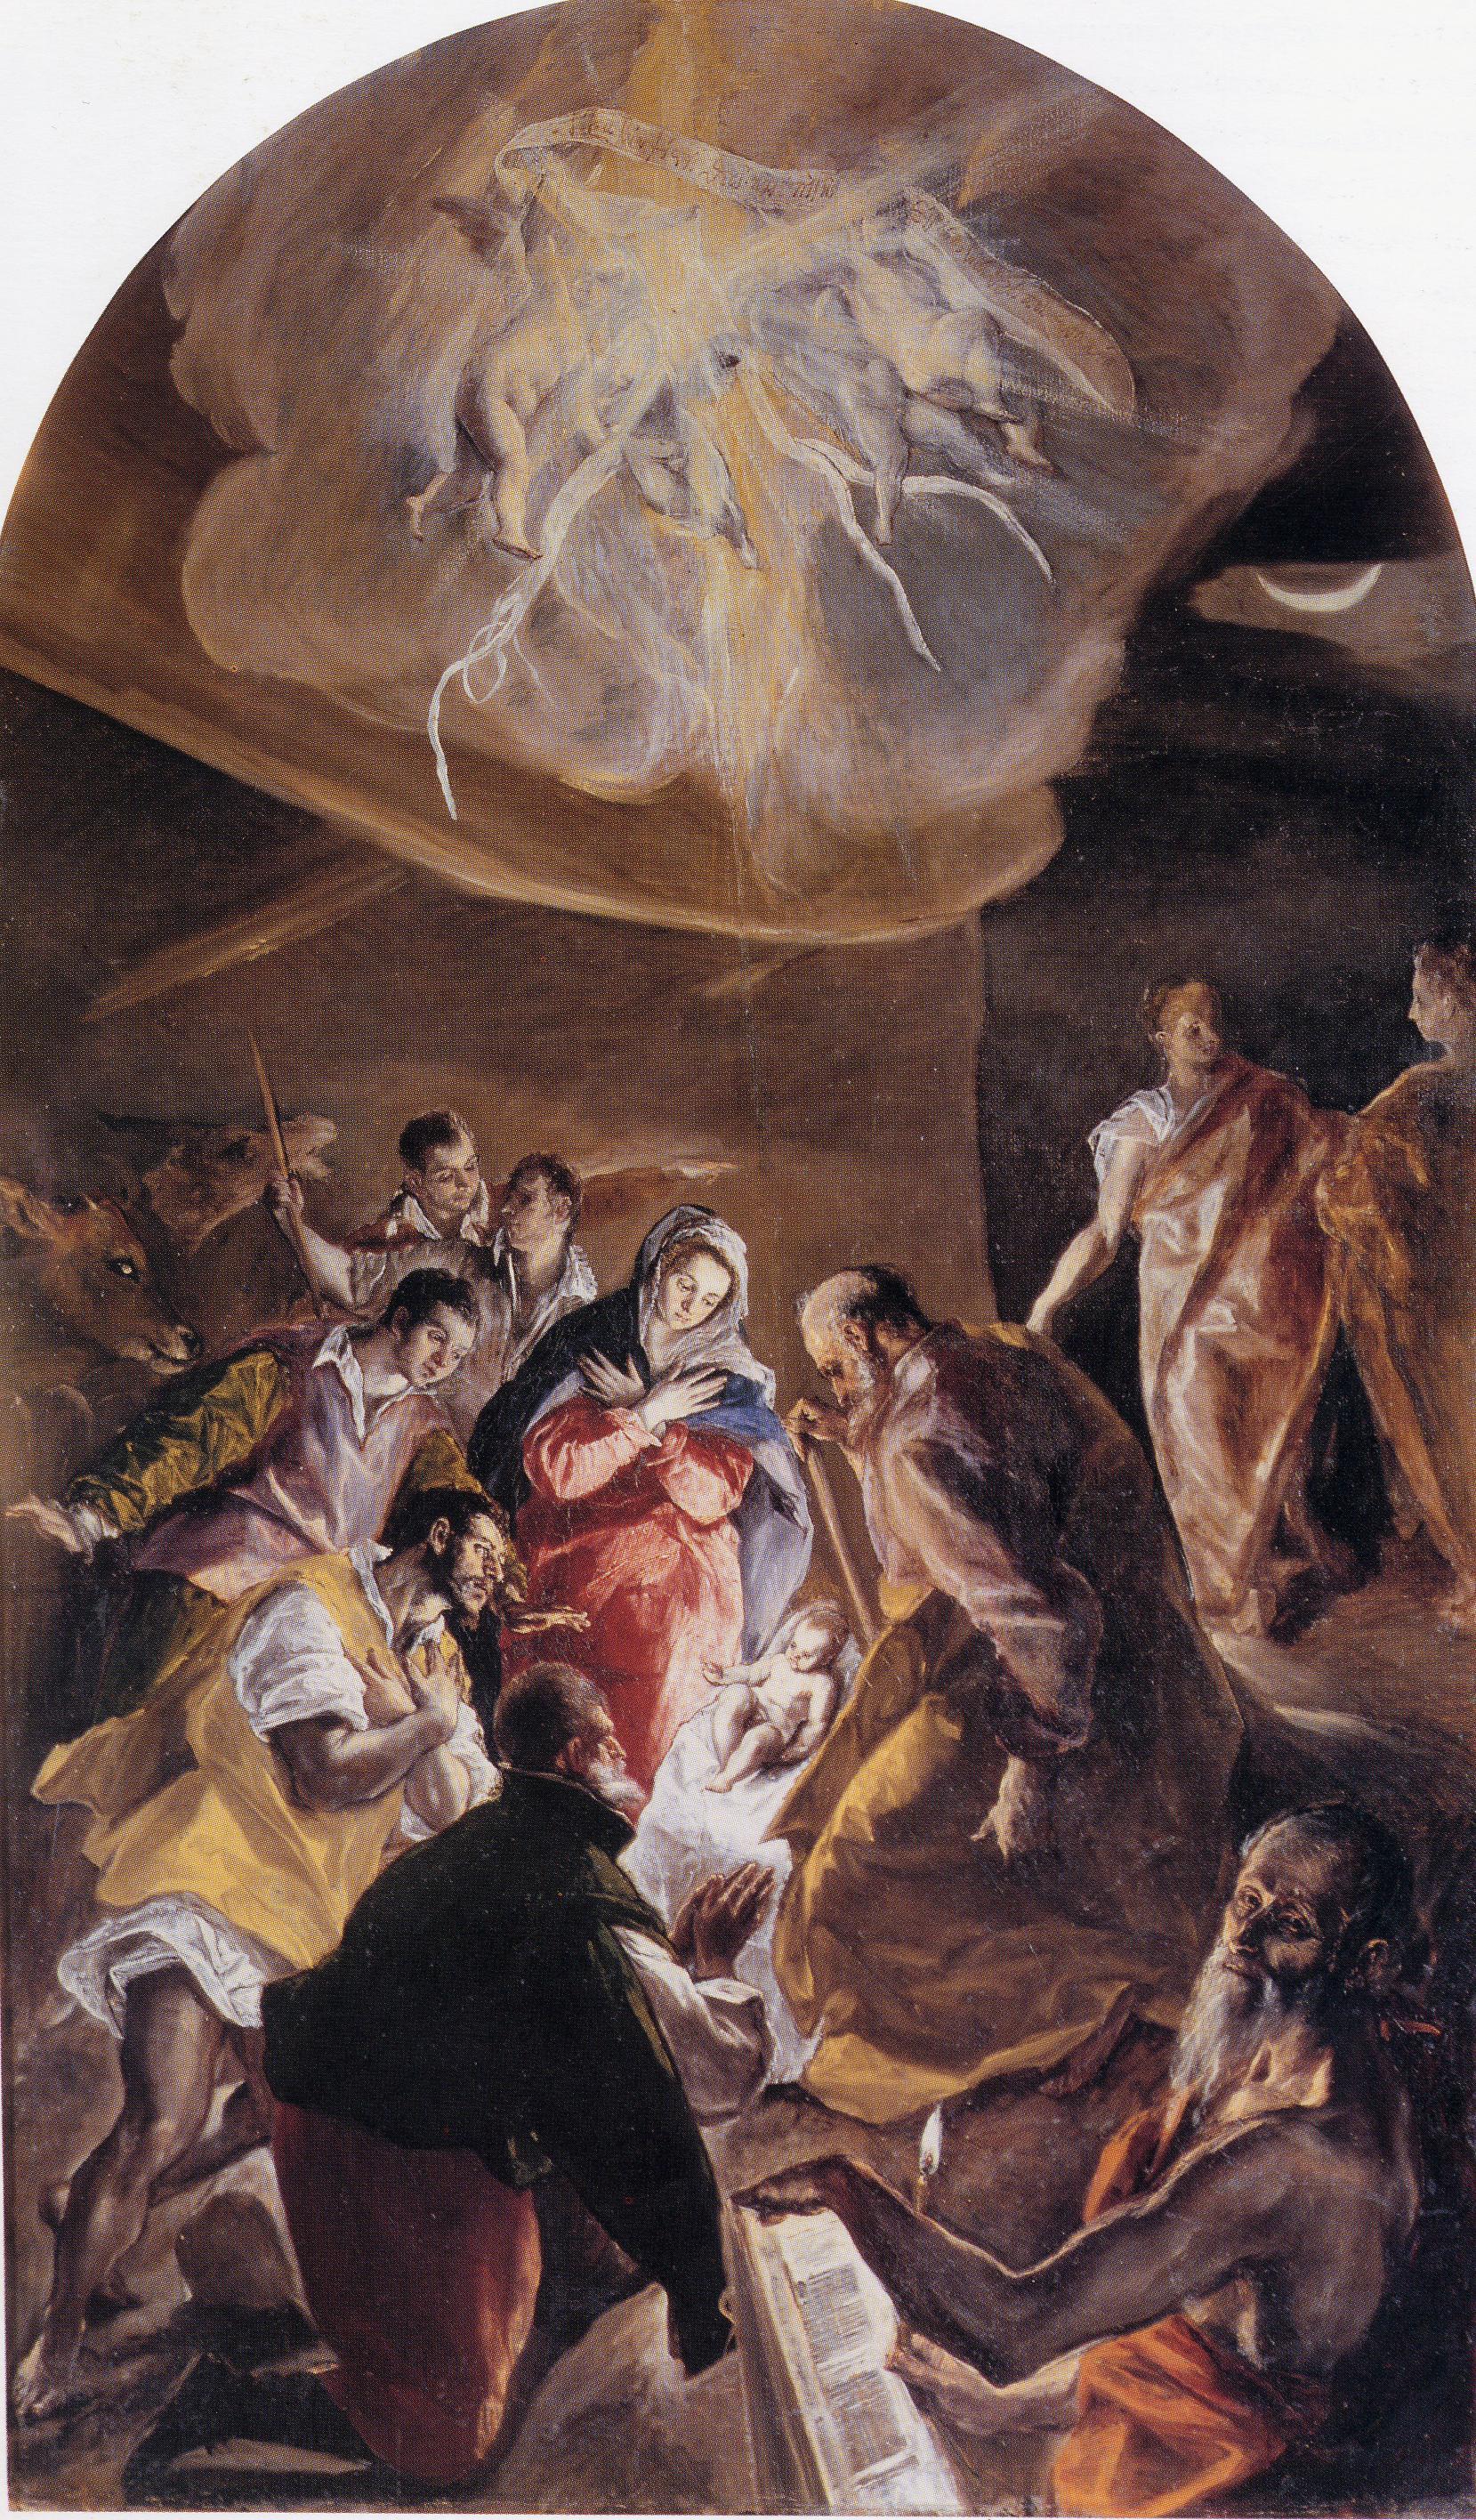 EL GRECO - La Adoración de los pastores.(1577-1579). Óleo sobre lienzo.  Madrid, colección particular